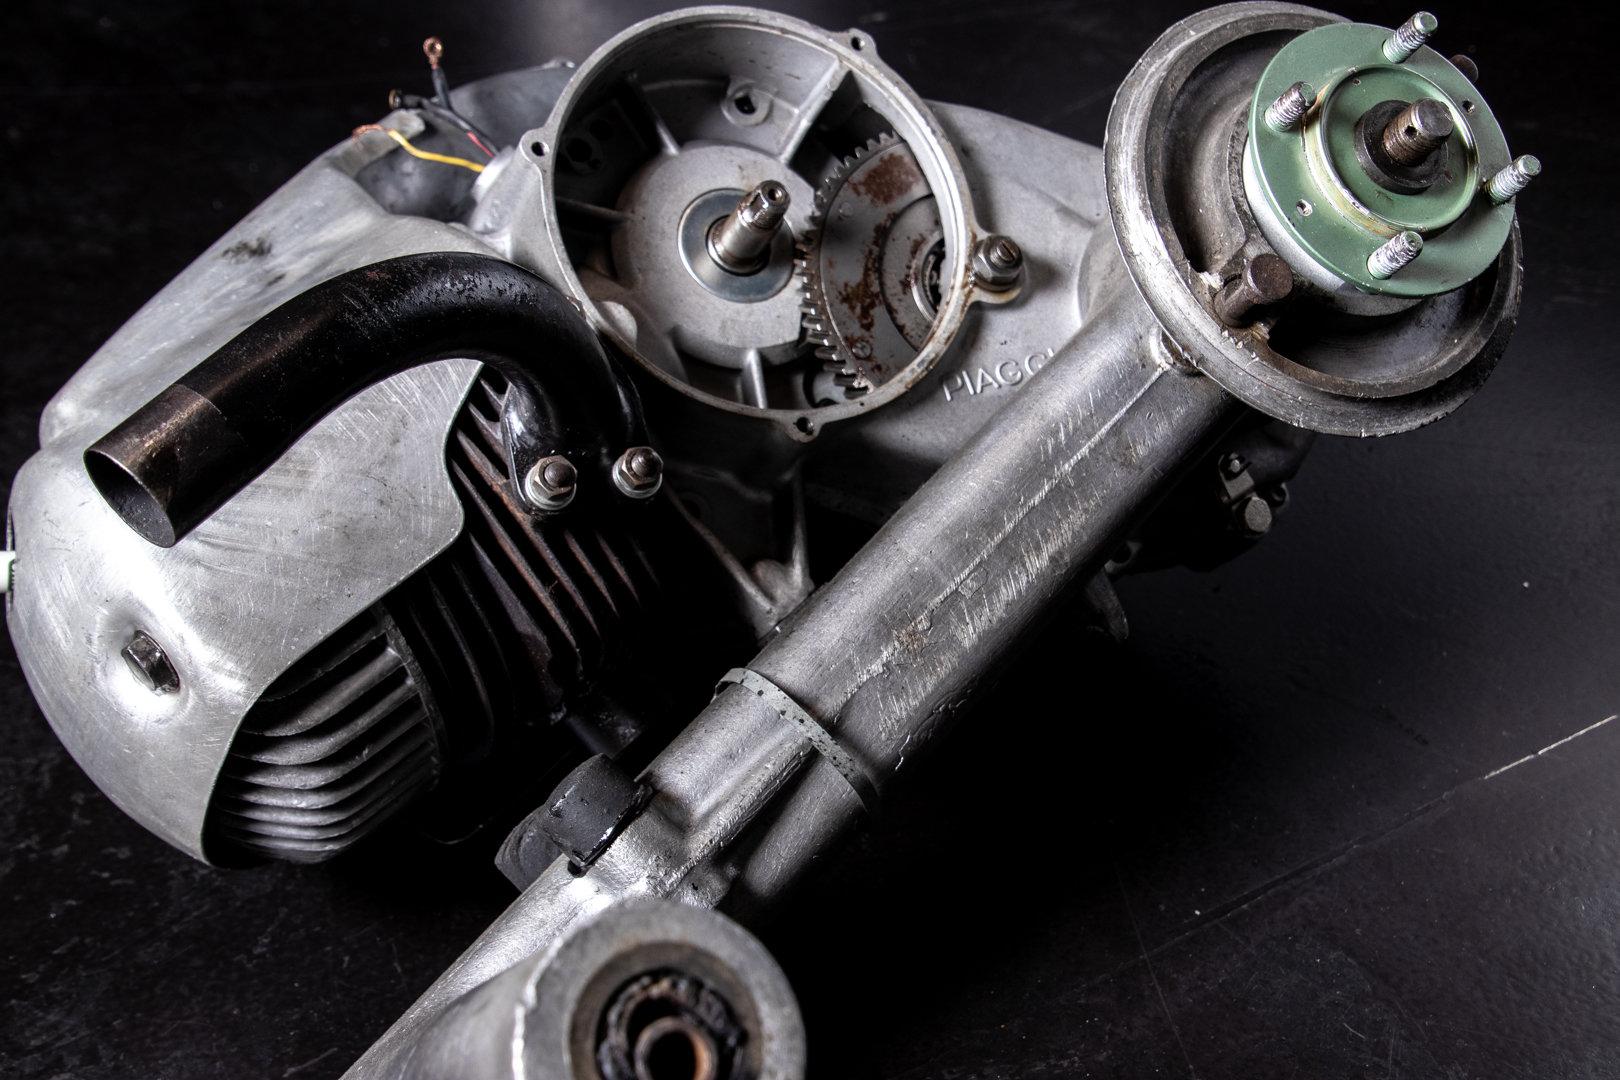 1950 Piaggio Vespa Engine For Sale (picture 2 of 8)